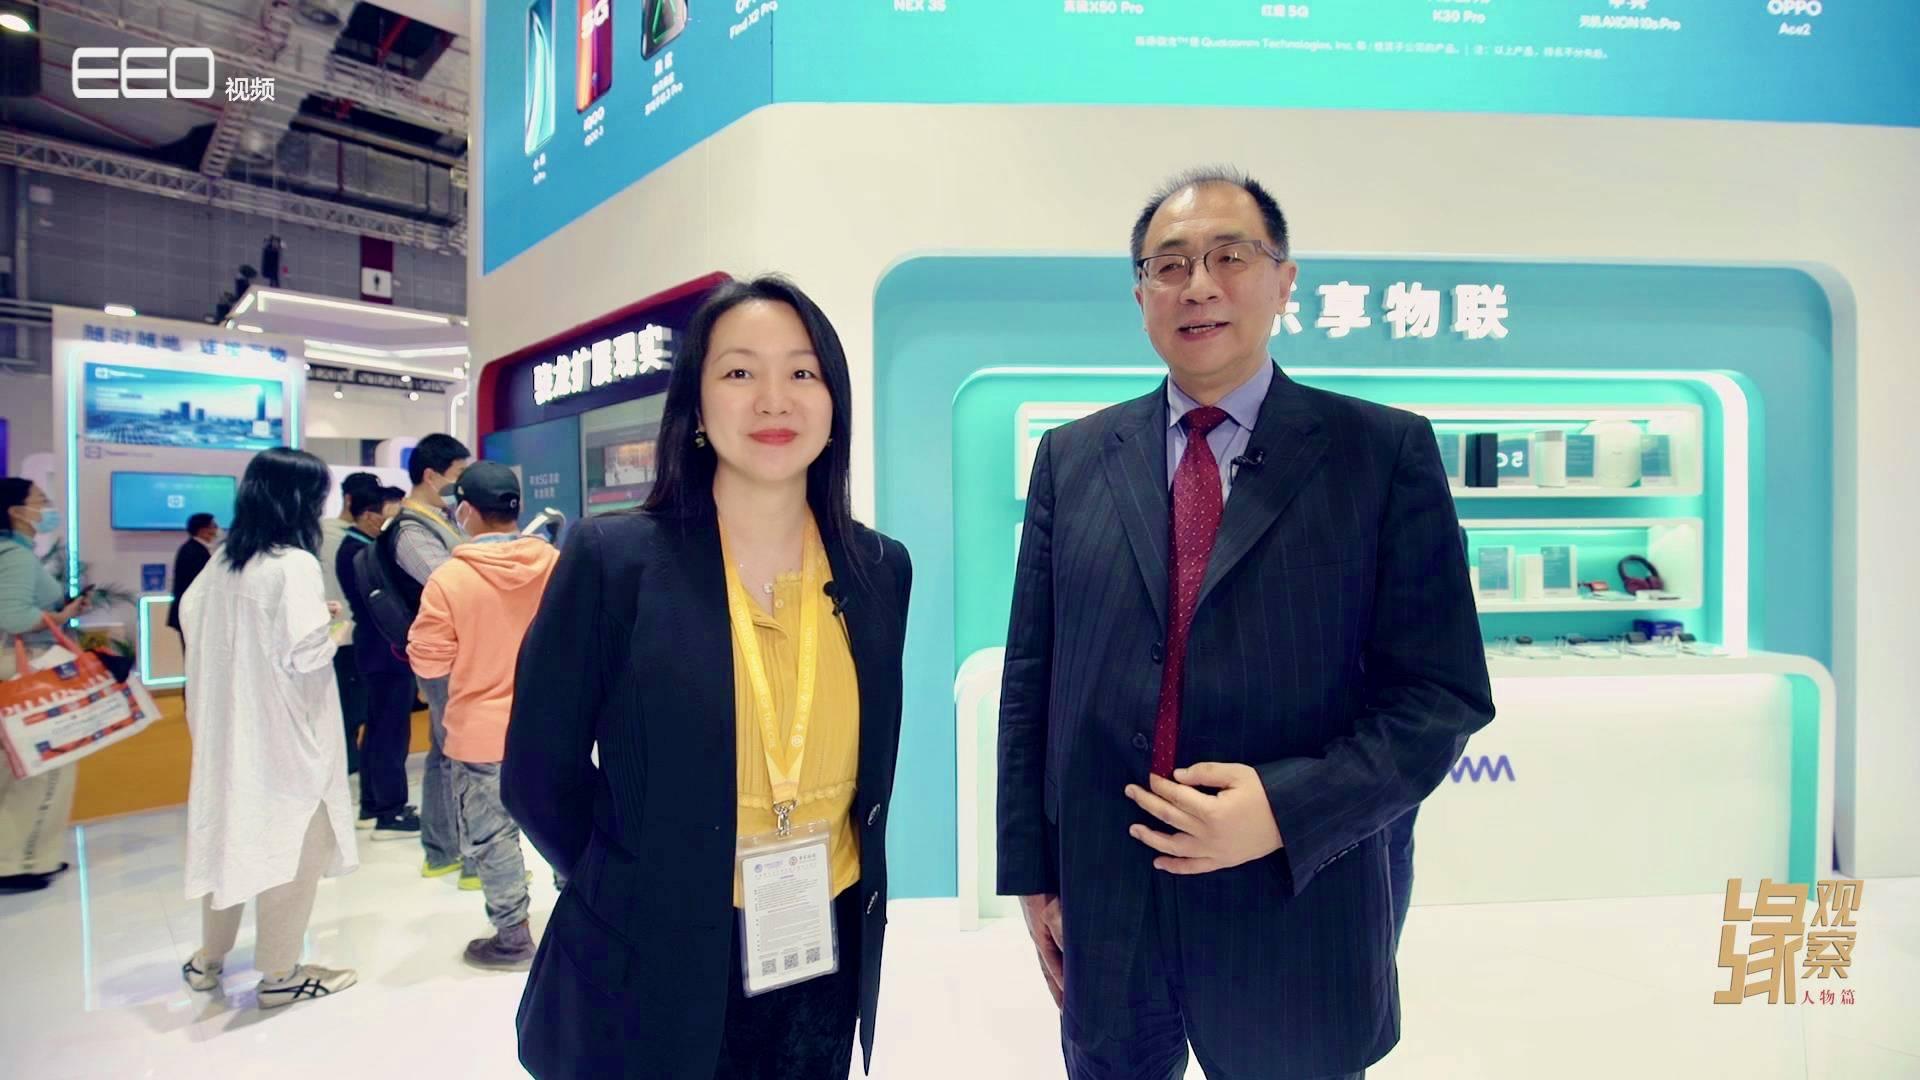 缘观察|高通中国区董事长孟樸:今年我们真正完成了5G从实验室到市场商品的过程